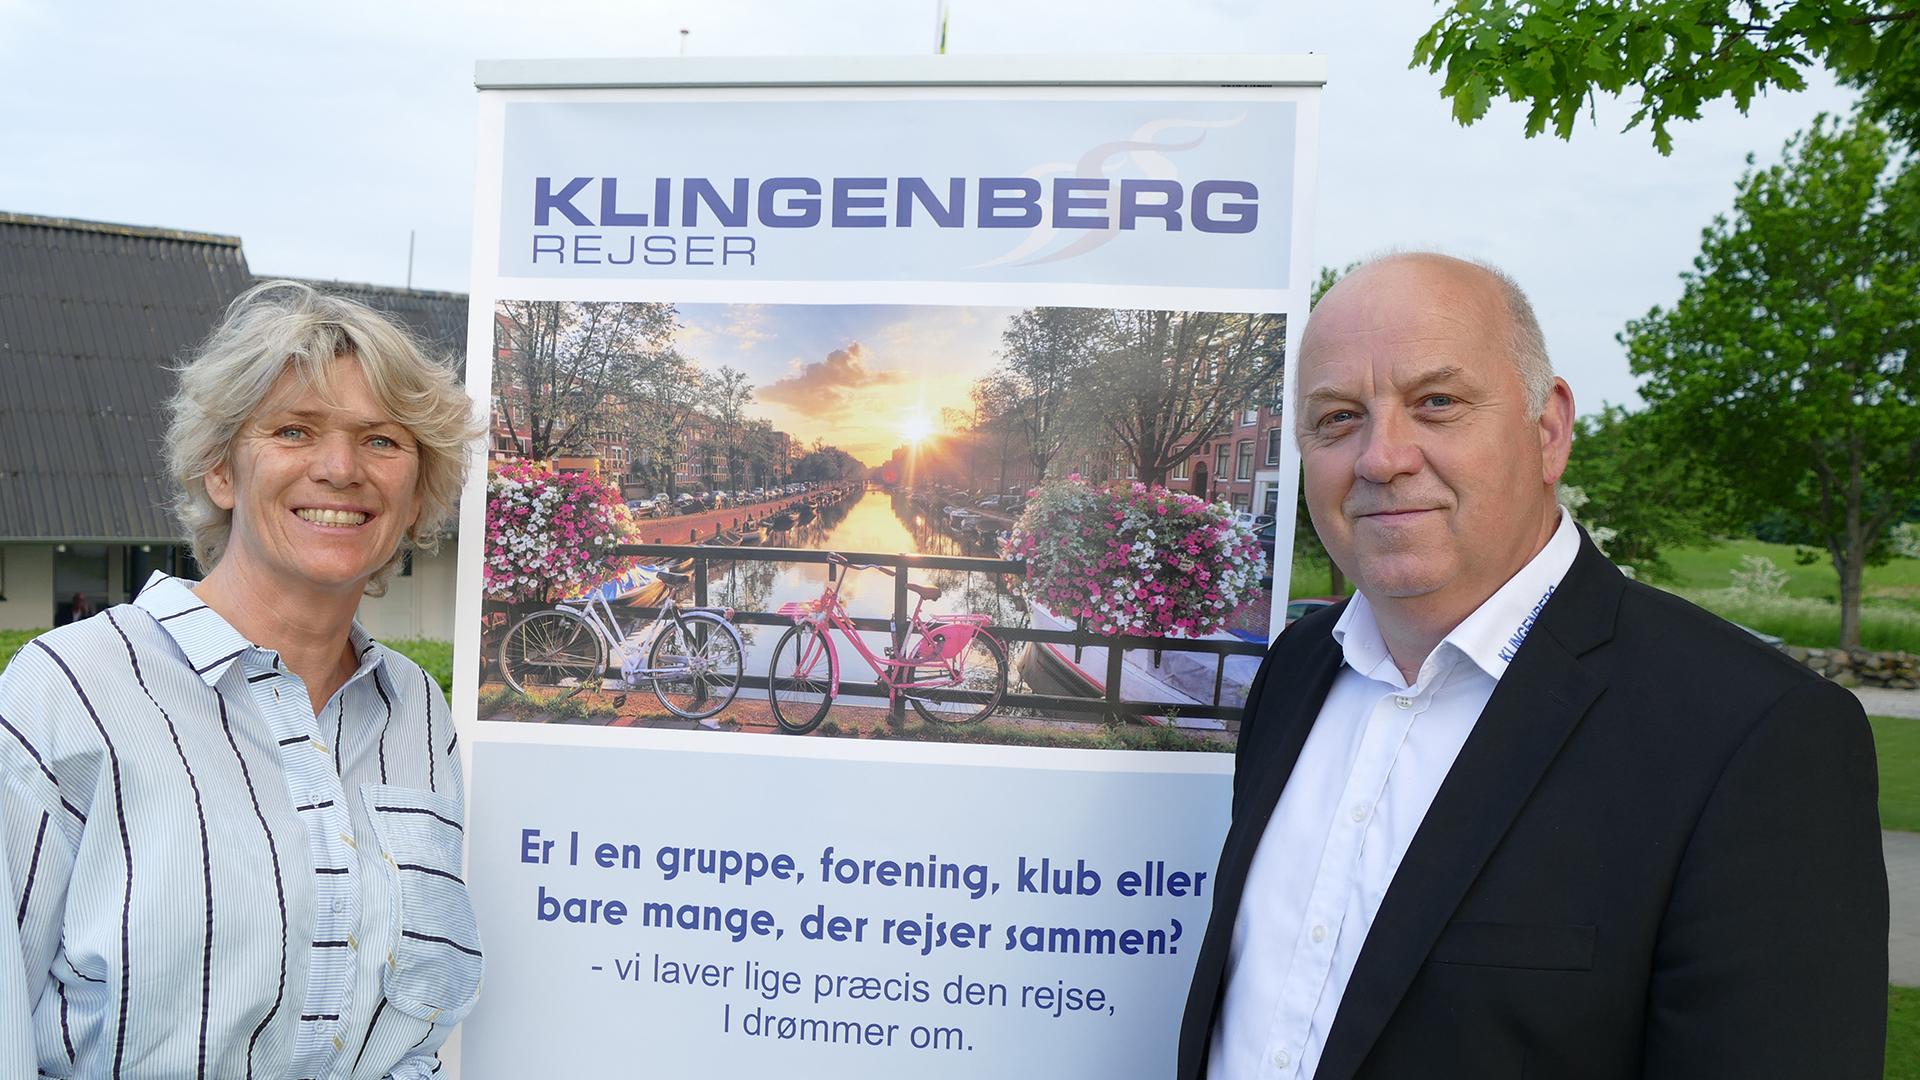 Heidi Maak Glinvad, administrerende direktør for Vitus Rejser, med Peter Nygaard, den afgåede direktør for Klingenberg Rejser, der nu overtages af Vitus Rejser. PR-foto.